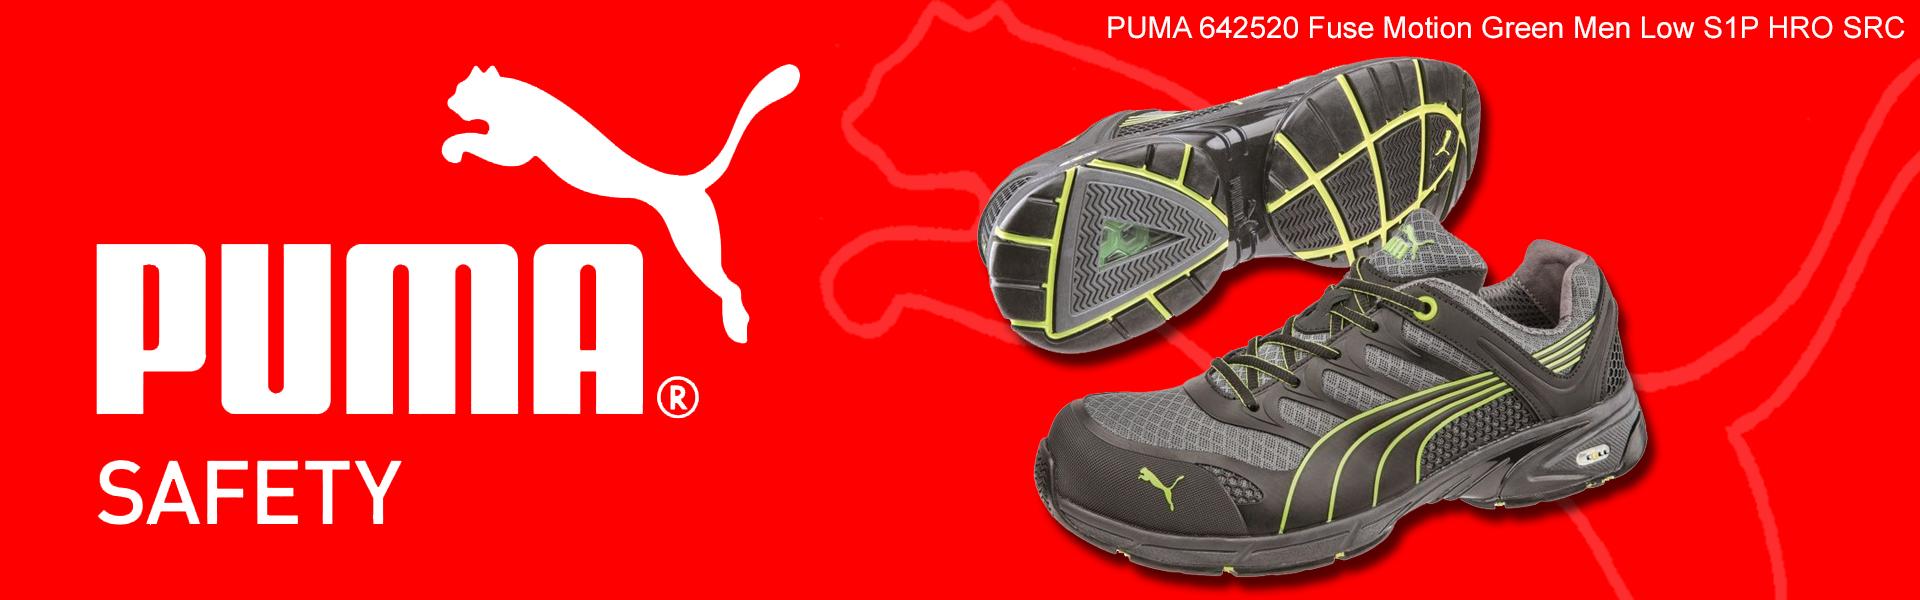 Puma S1P HRO Moto Protect Webáruház Legjobb Női